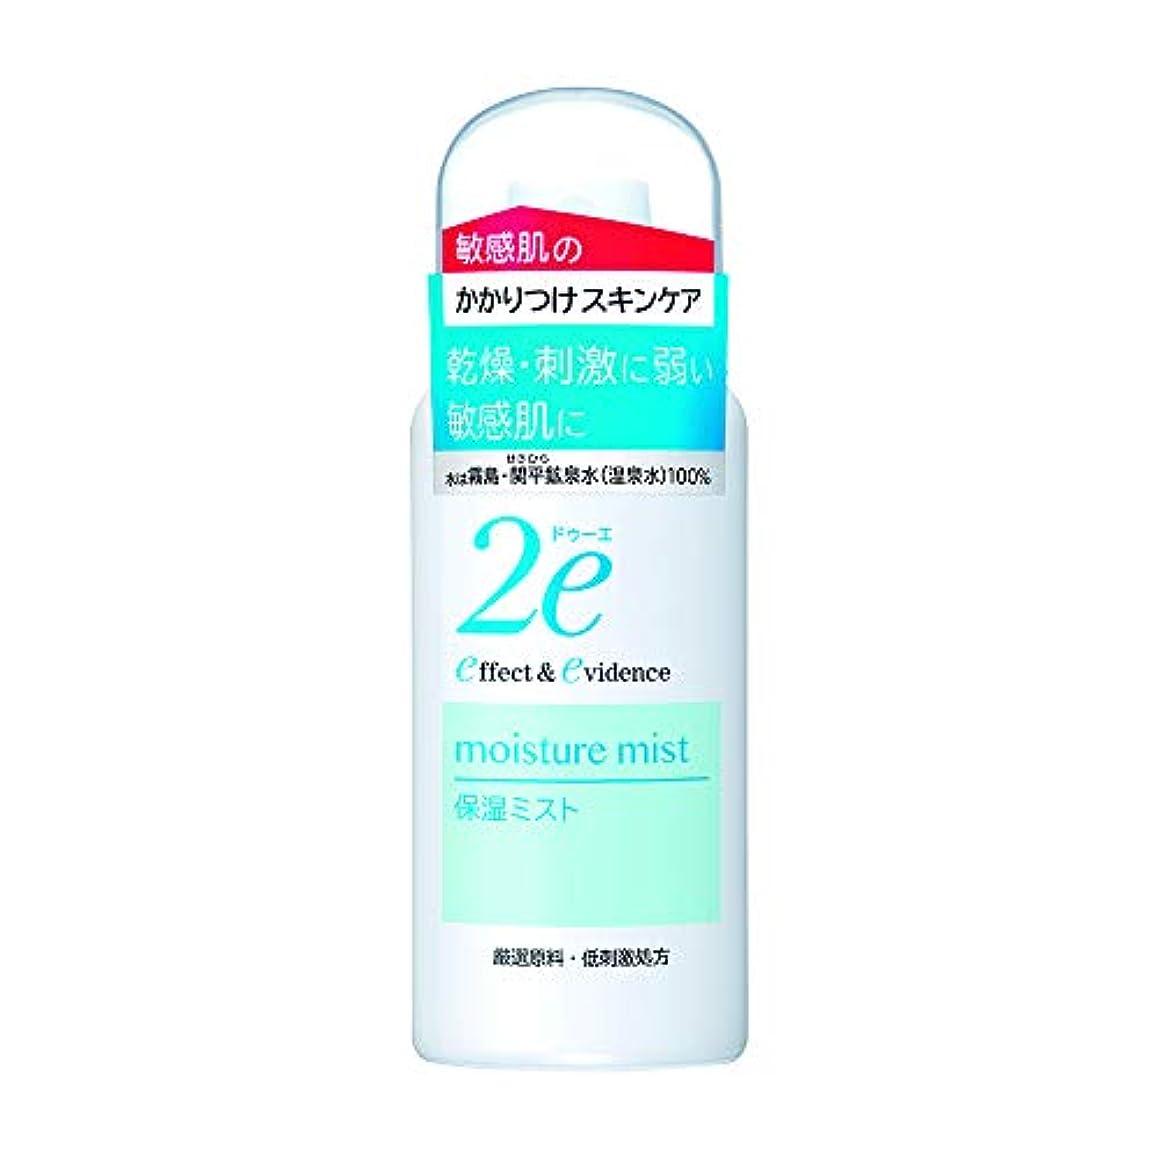 苦抑制さまよう2e(ドゥーエ) ドゥーエ 保湿ミスト(携帯) 化粧水 50g